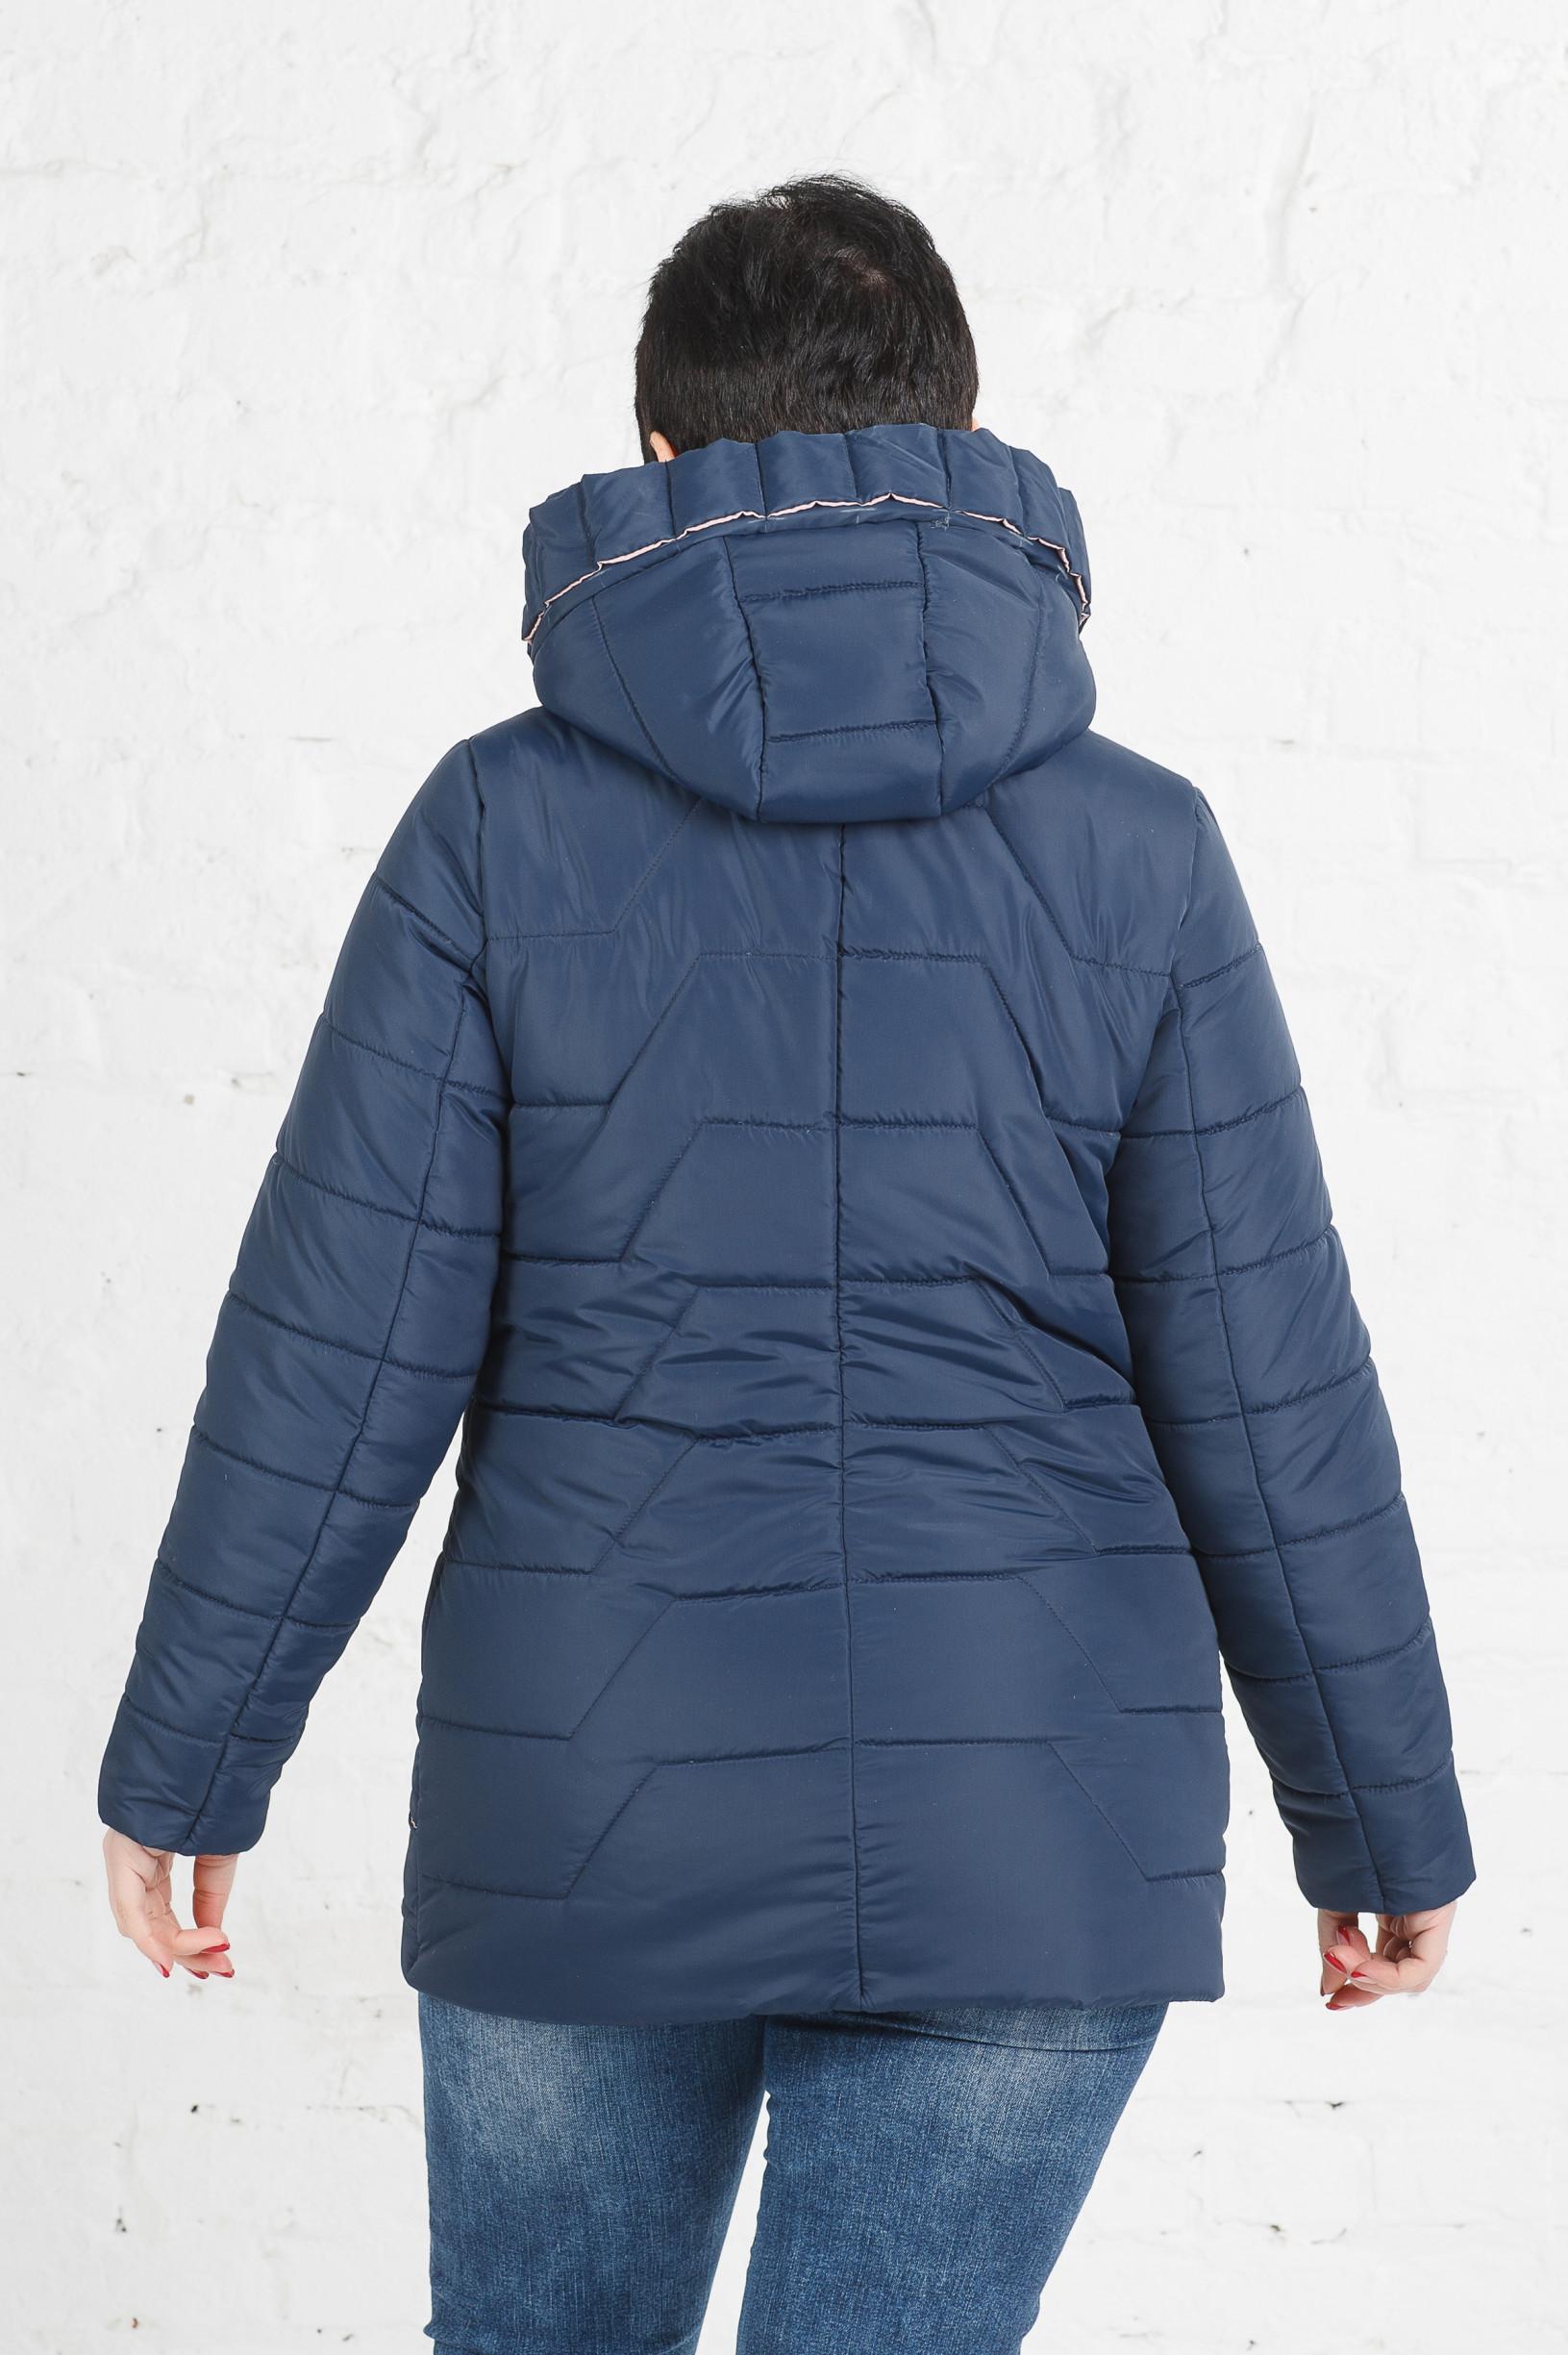 Женская весенняя куртка Кейси синяя